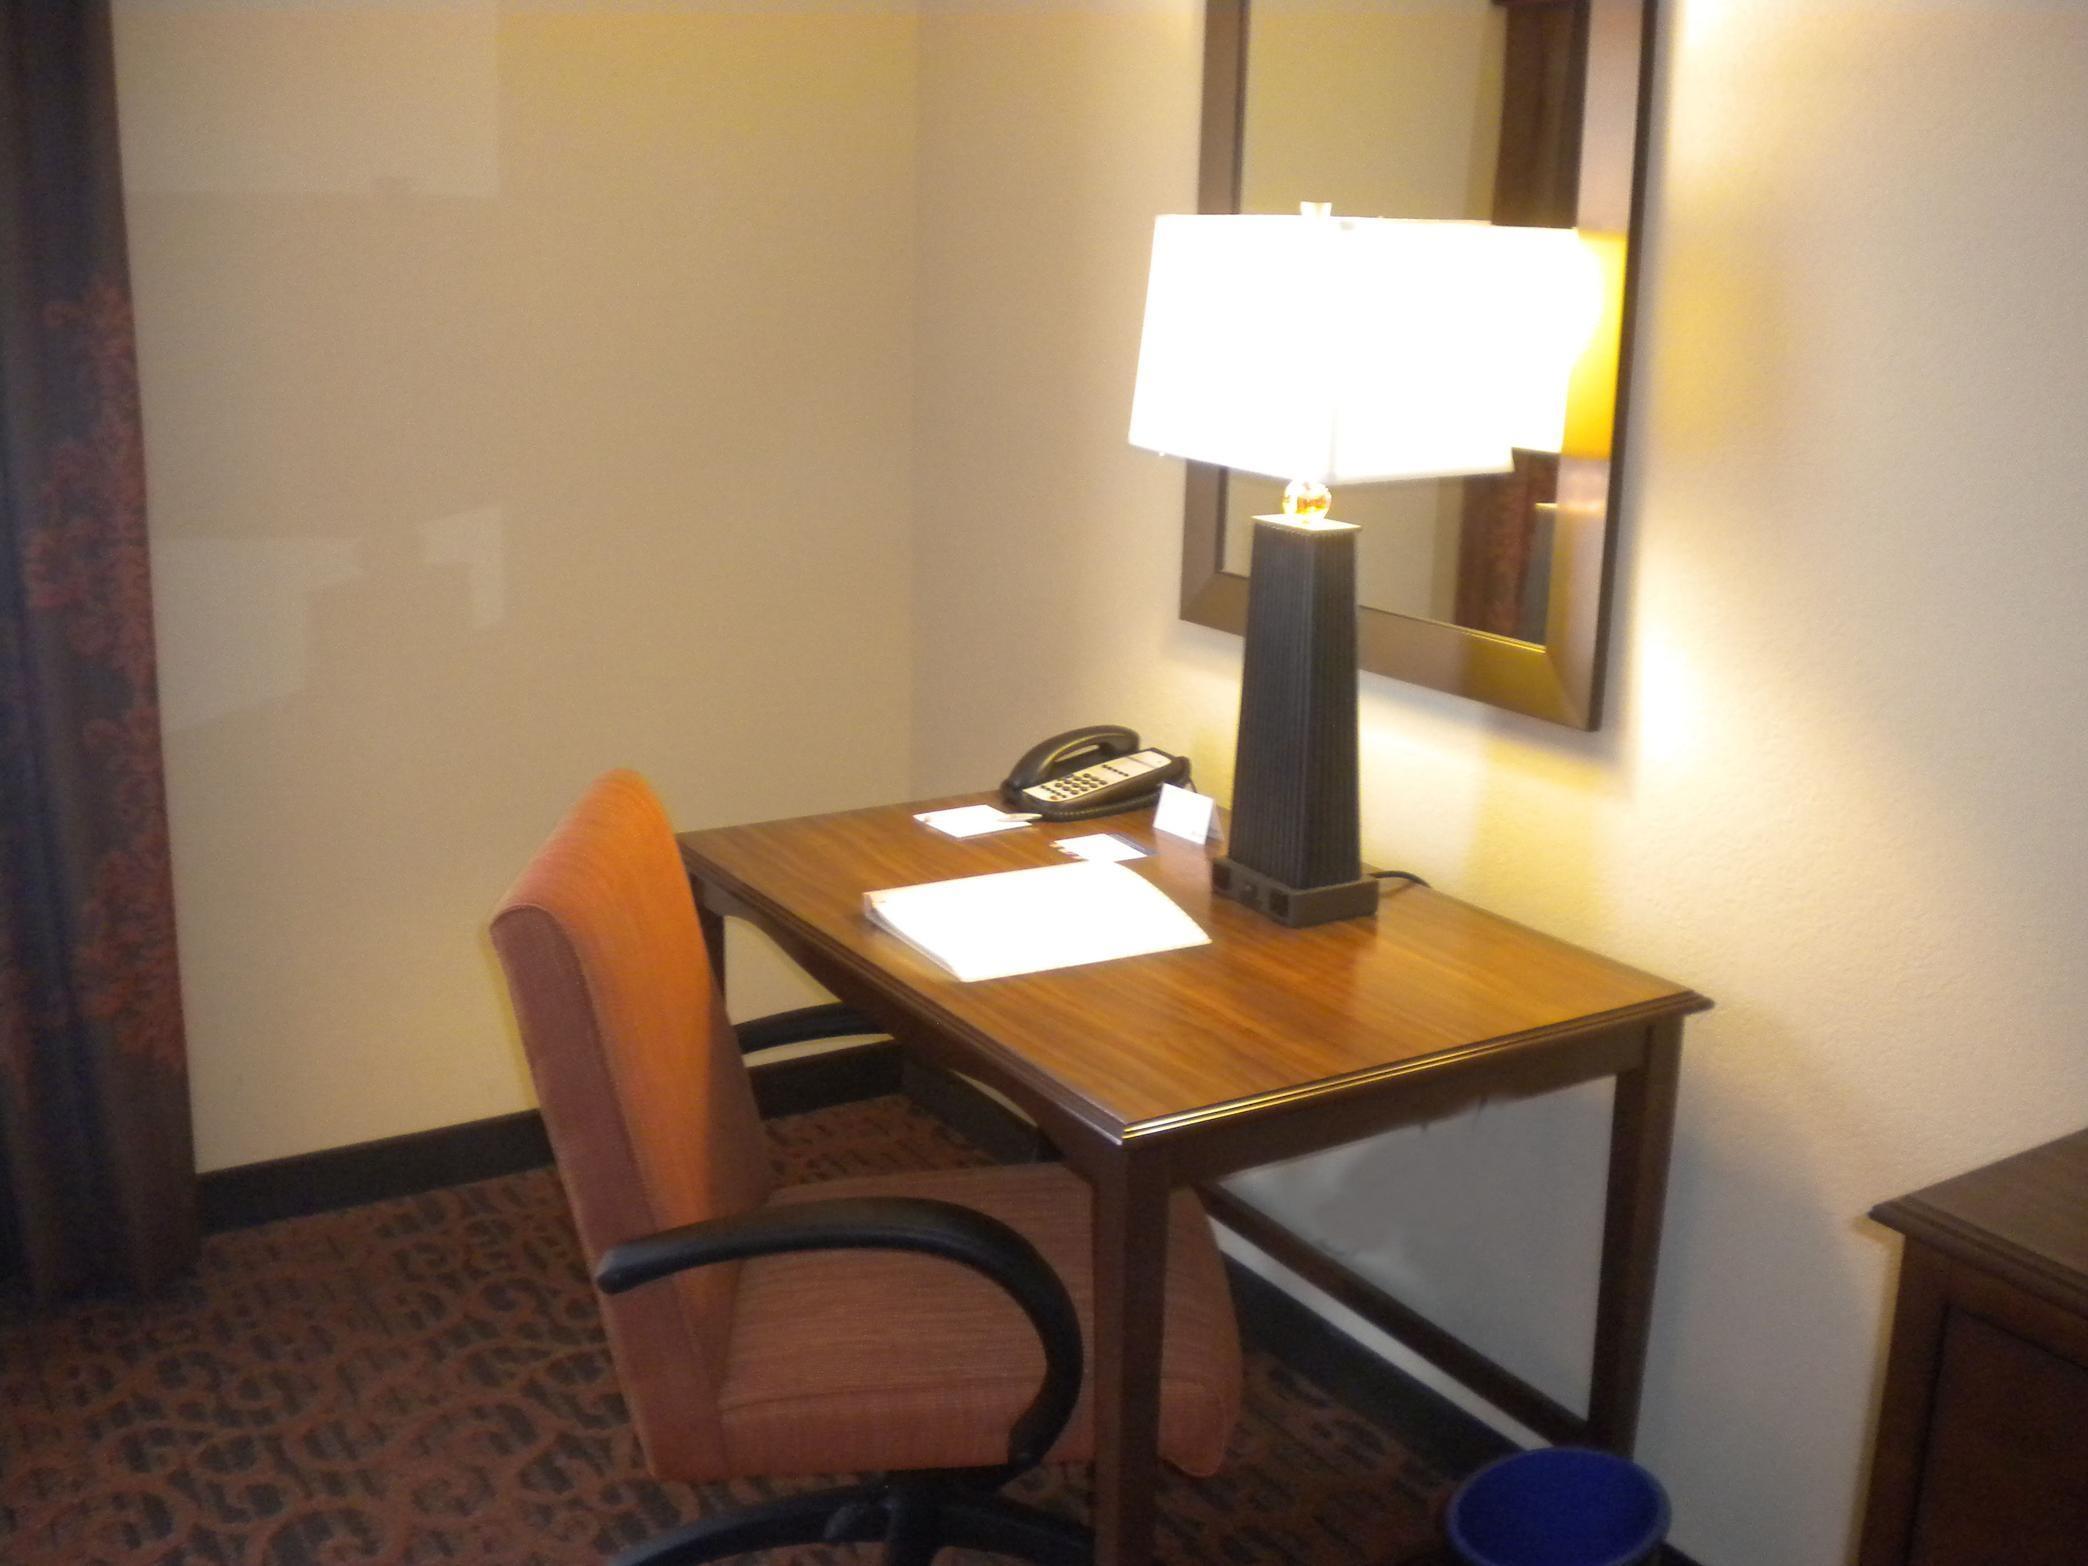 Hampton Inn & Suites Cincinnati/Uptown-University Area image 15